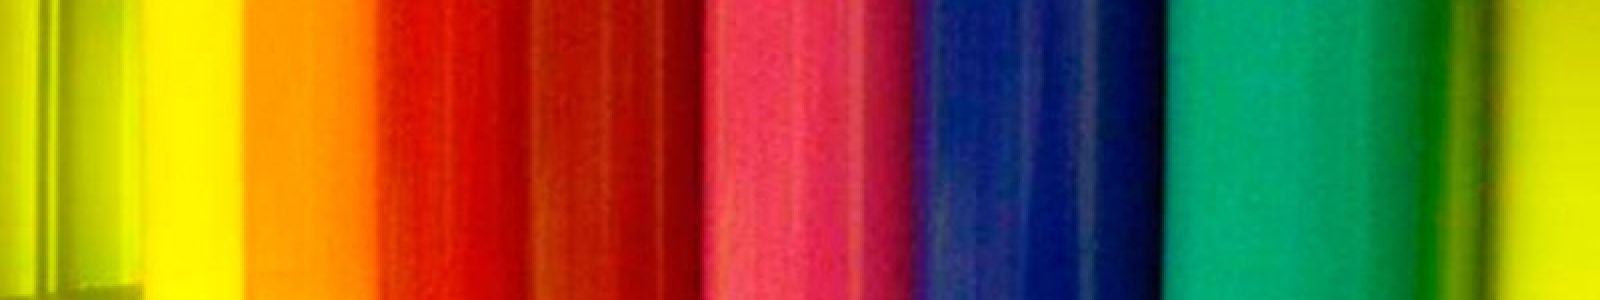 цвета порошка